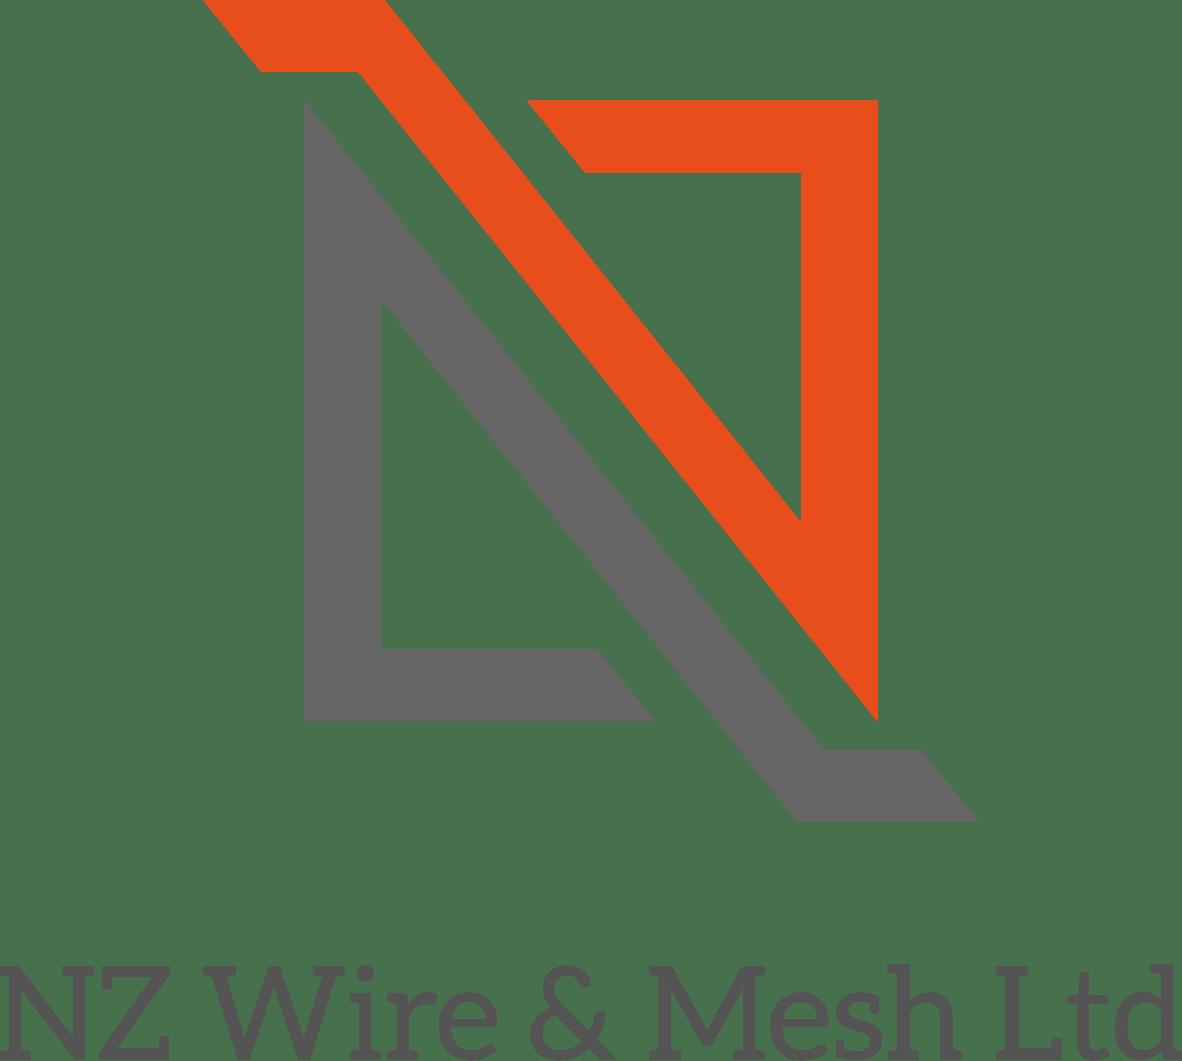 NZ Wire & Mesh logo